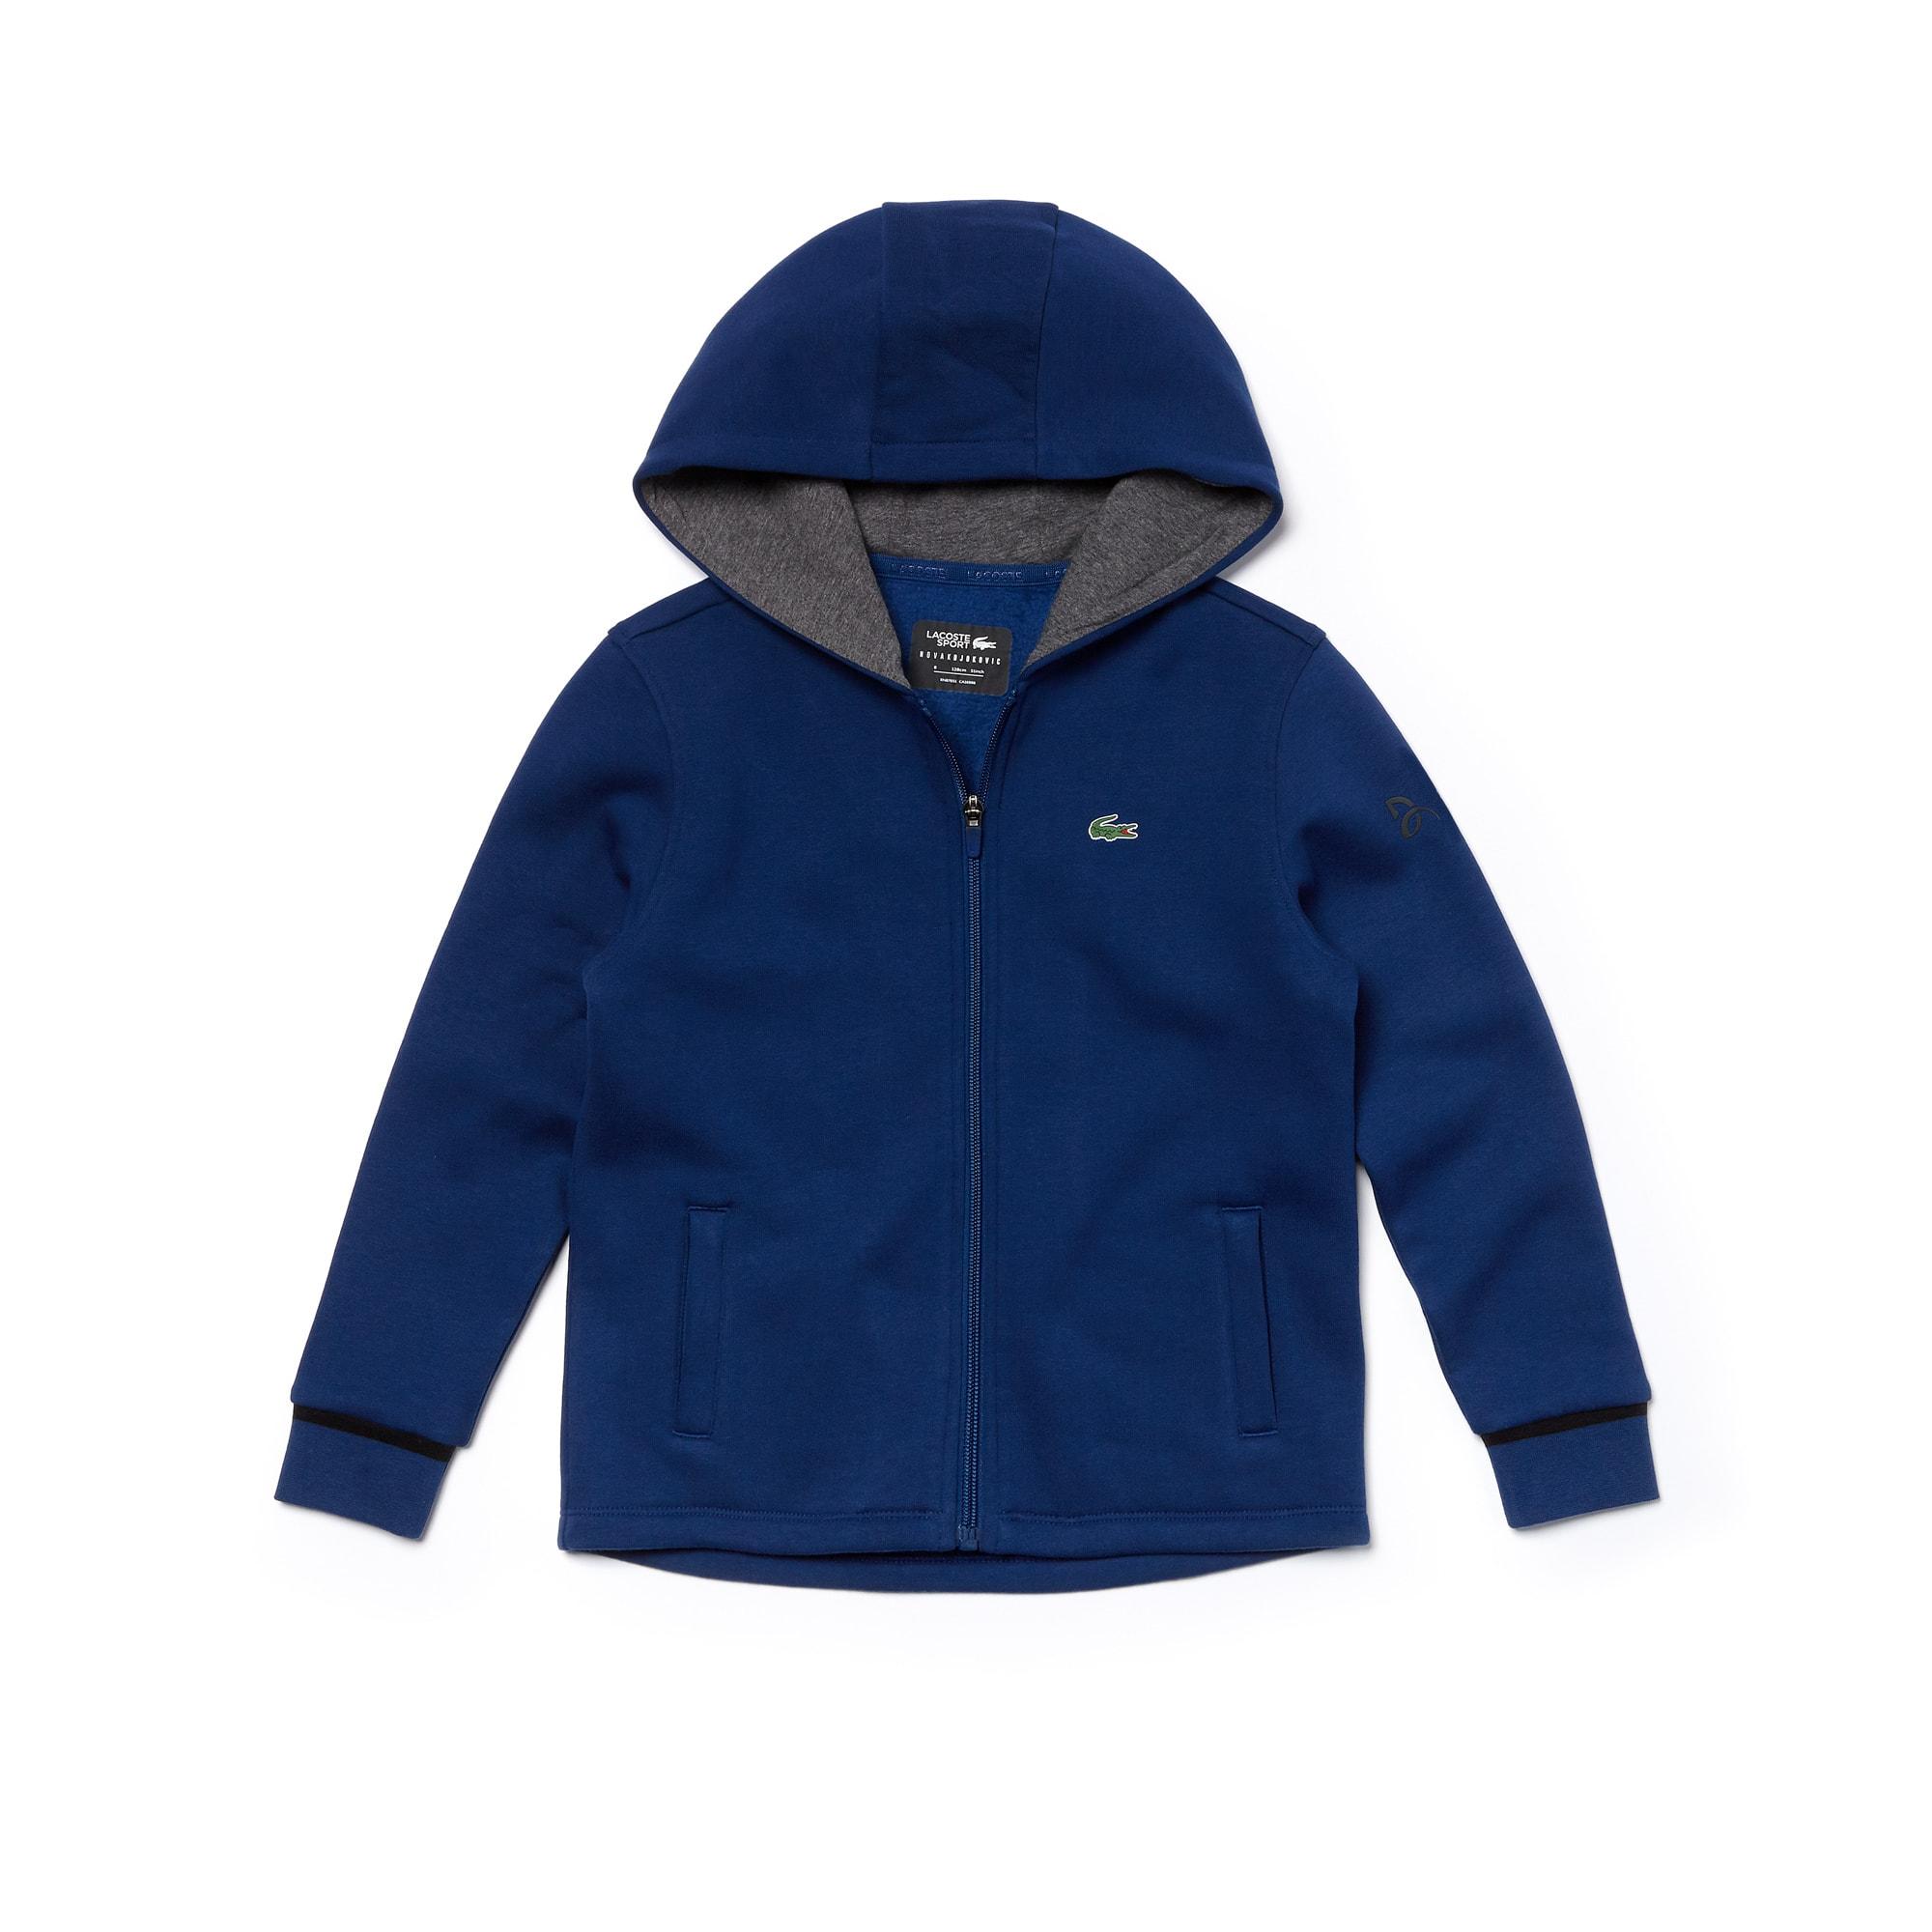 Lacoste SPORT NOVAK DJOKOVIC SUPPORT WITH STYLE COLLECTION-sweatshirt jongens fleece met capuchon